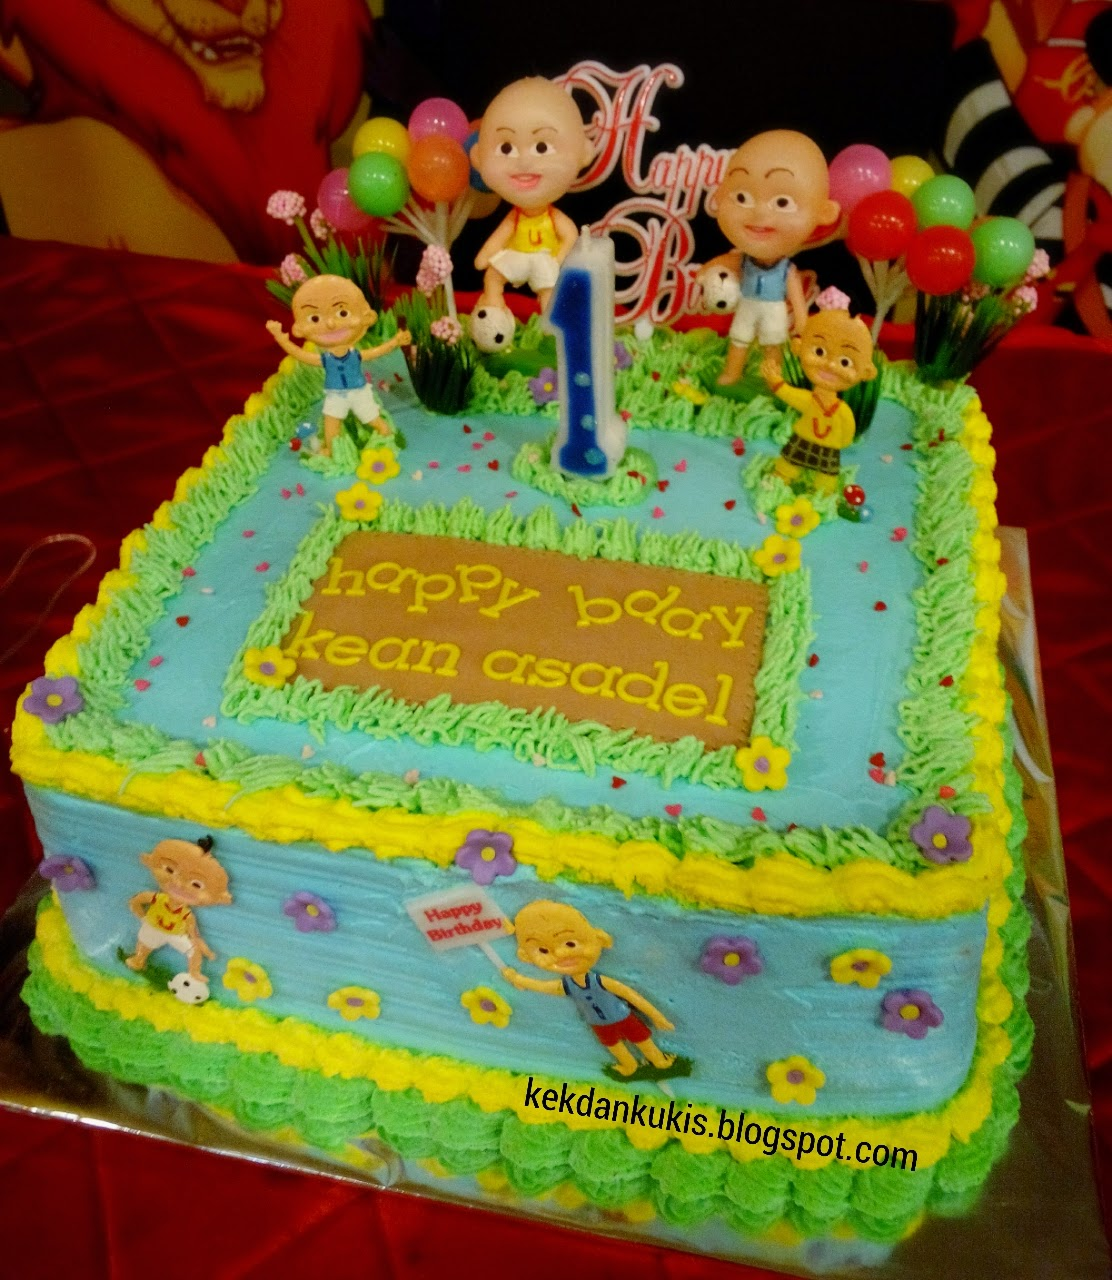 DAPUR CAKE DAN COOKIES UPIN IPIN BIRTHDAY CAKE